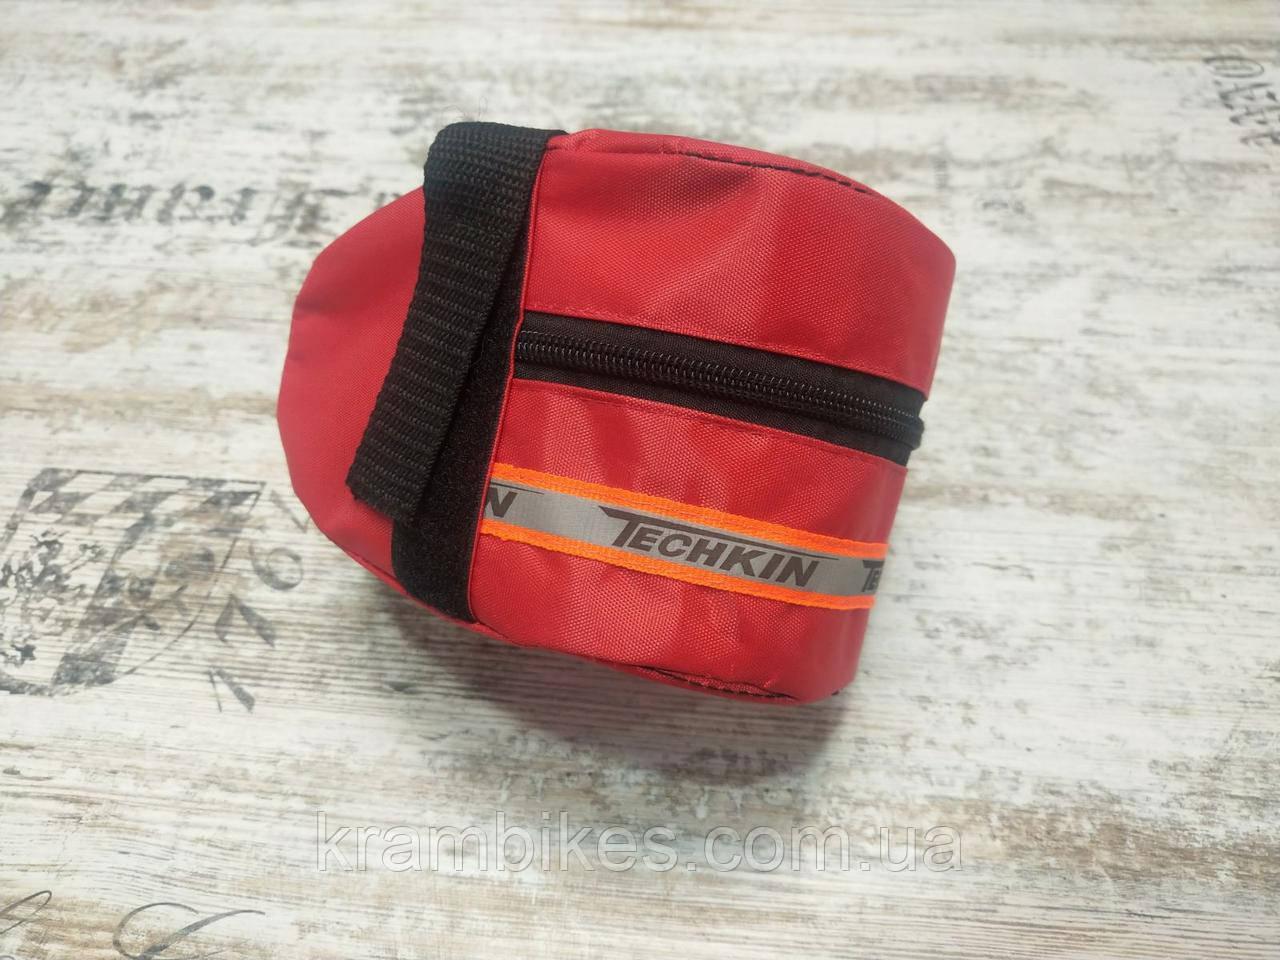 Сумка под седло Techkin Красный